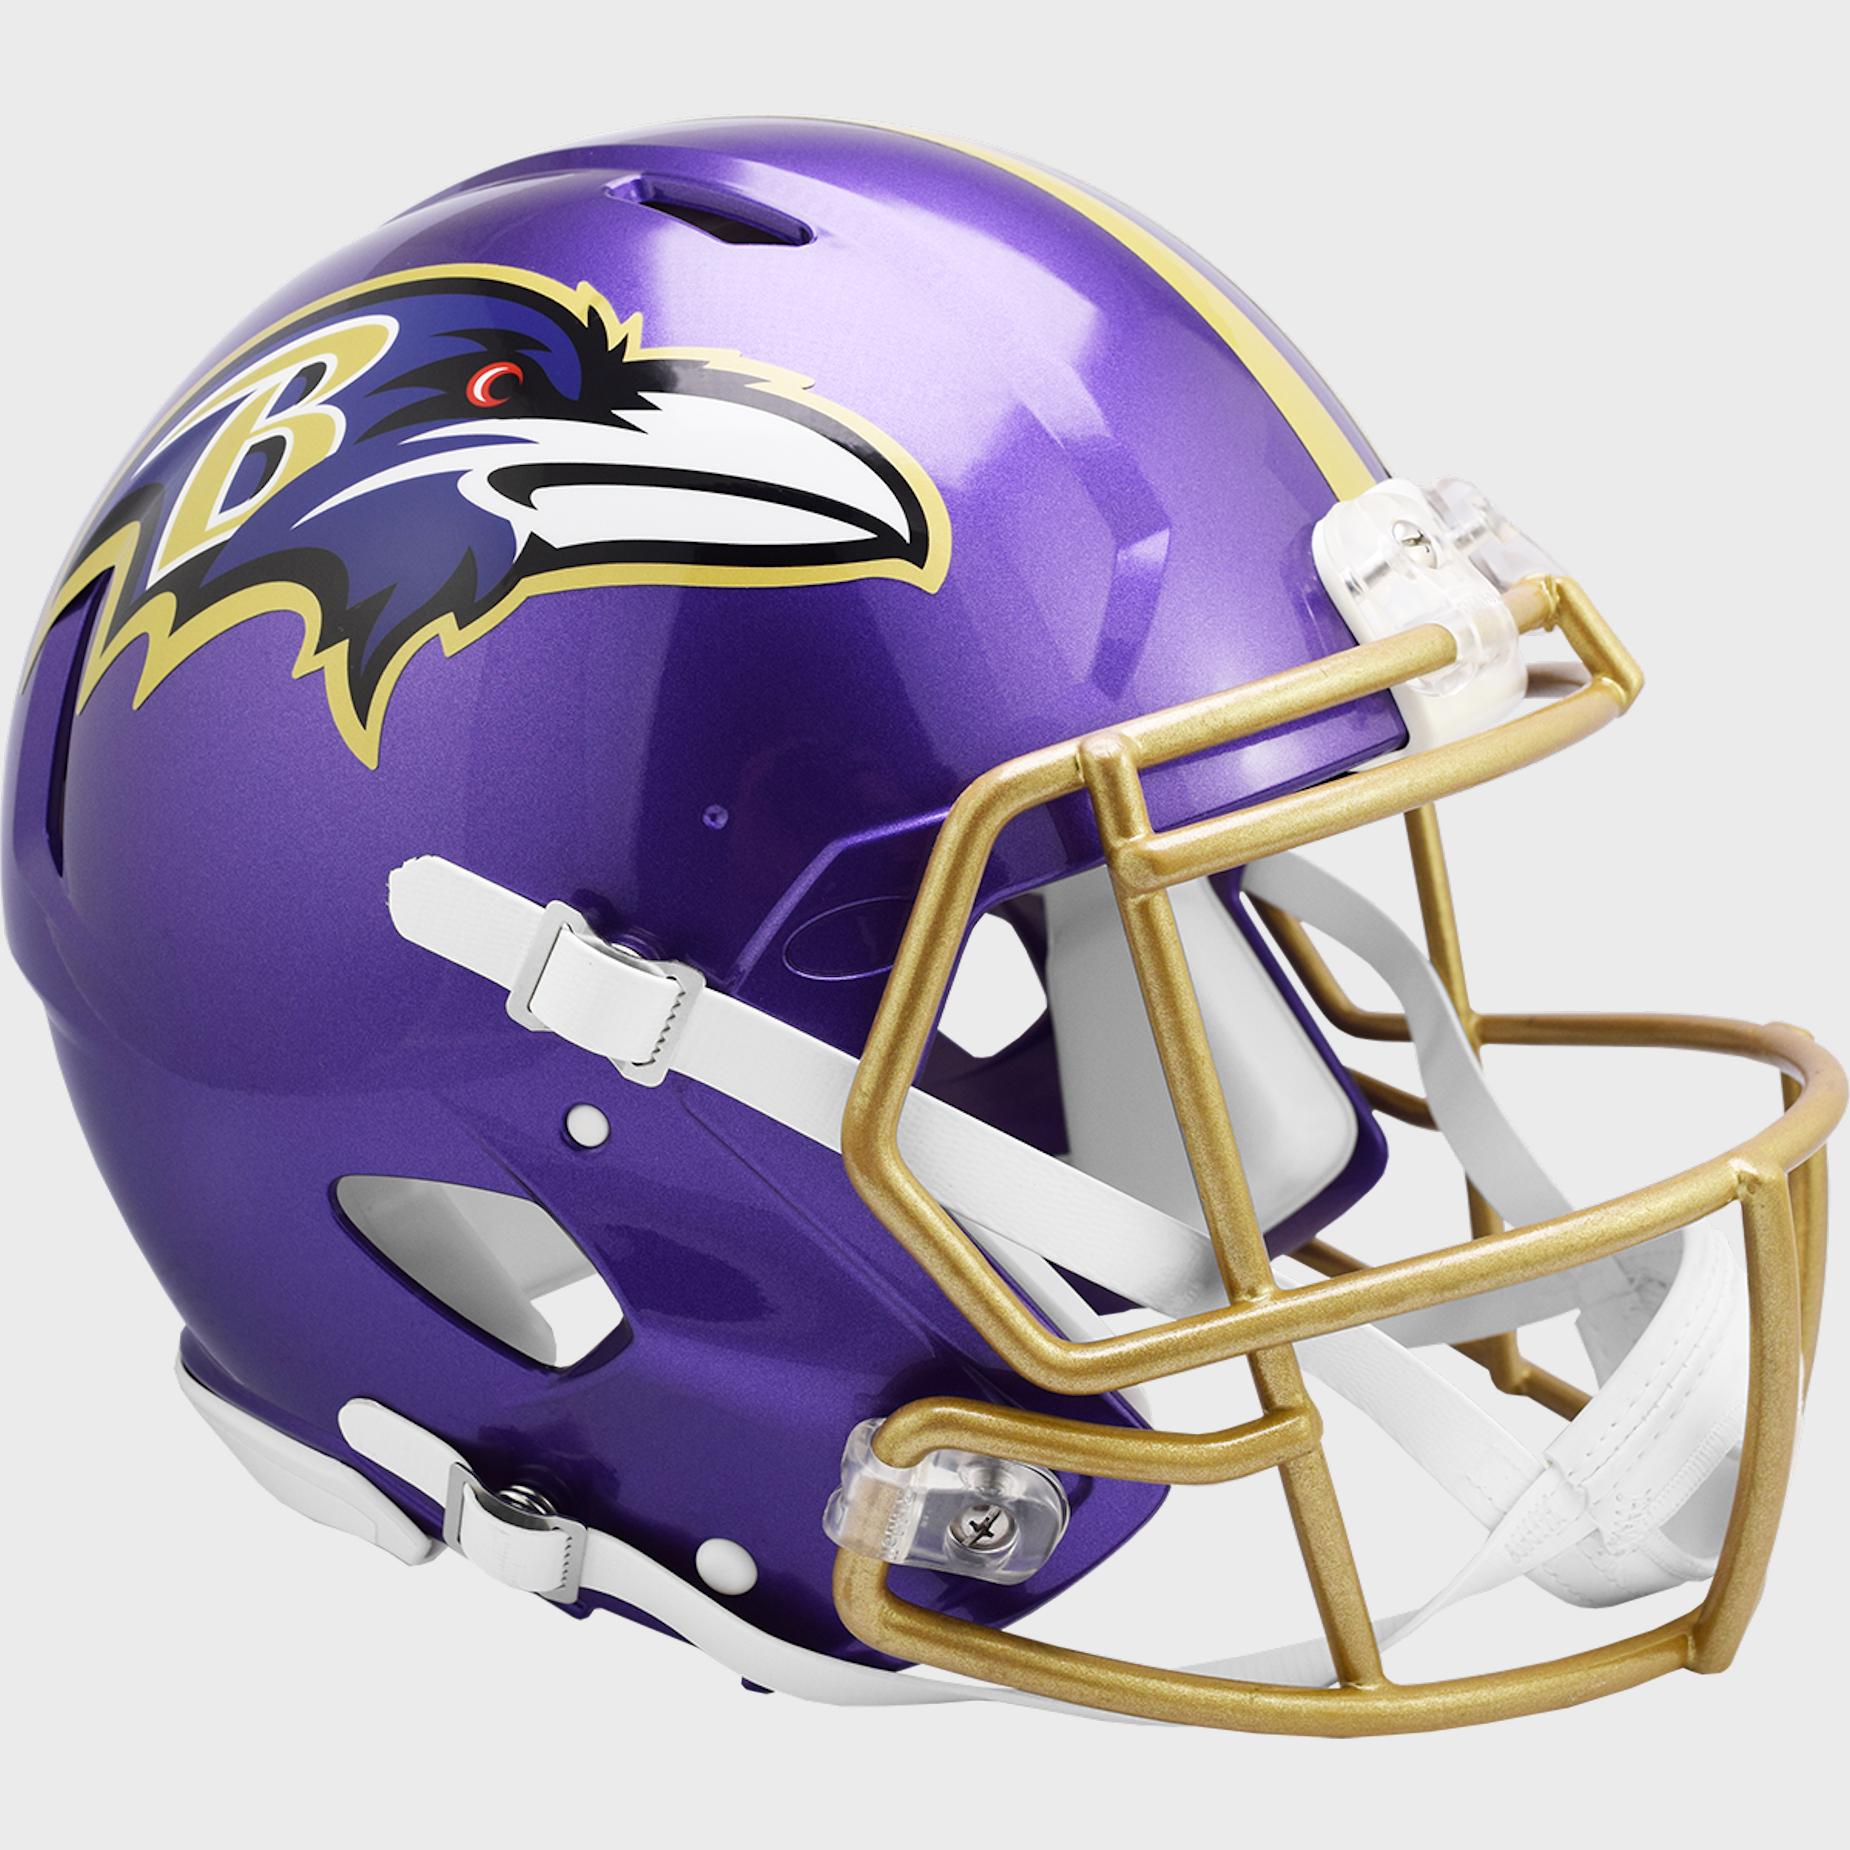 Baltimore Ravens Speed Football Helmet <B>FLASH ESD 8/21/21</B>